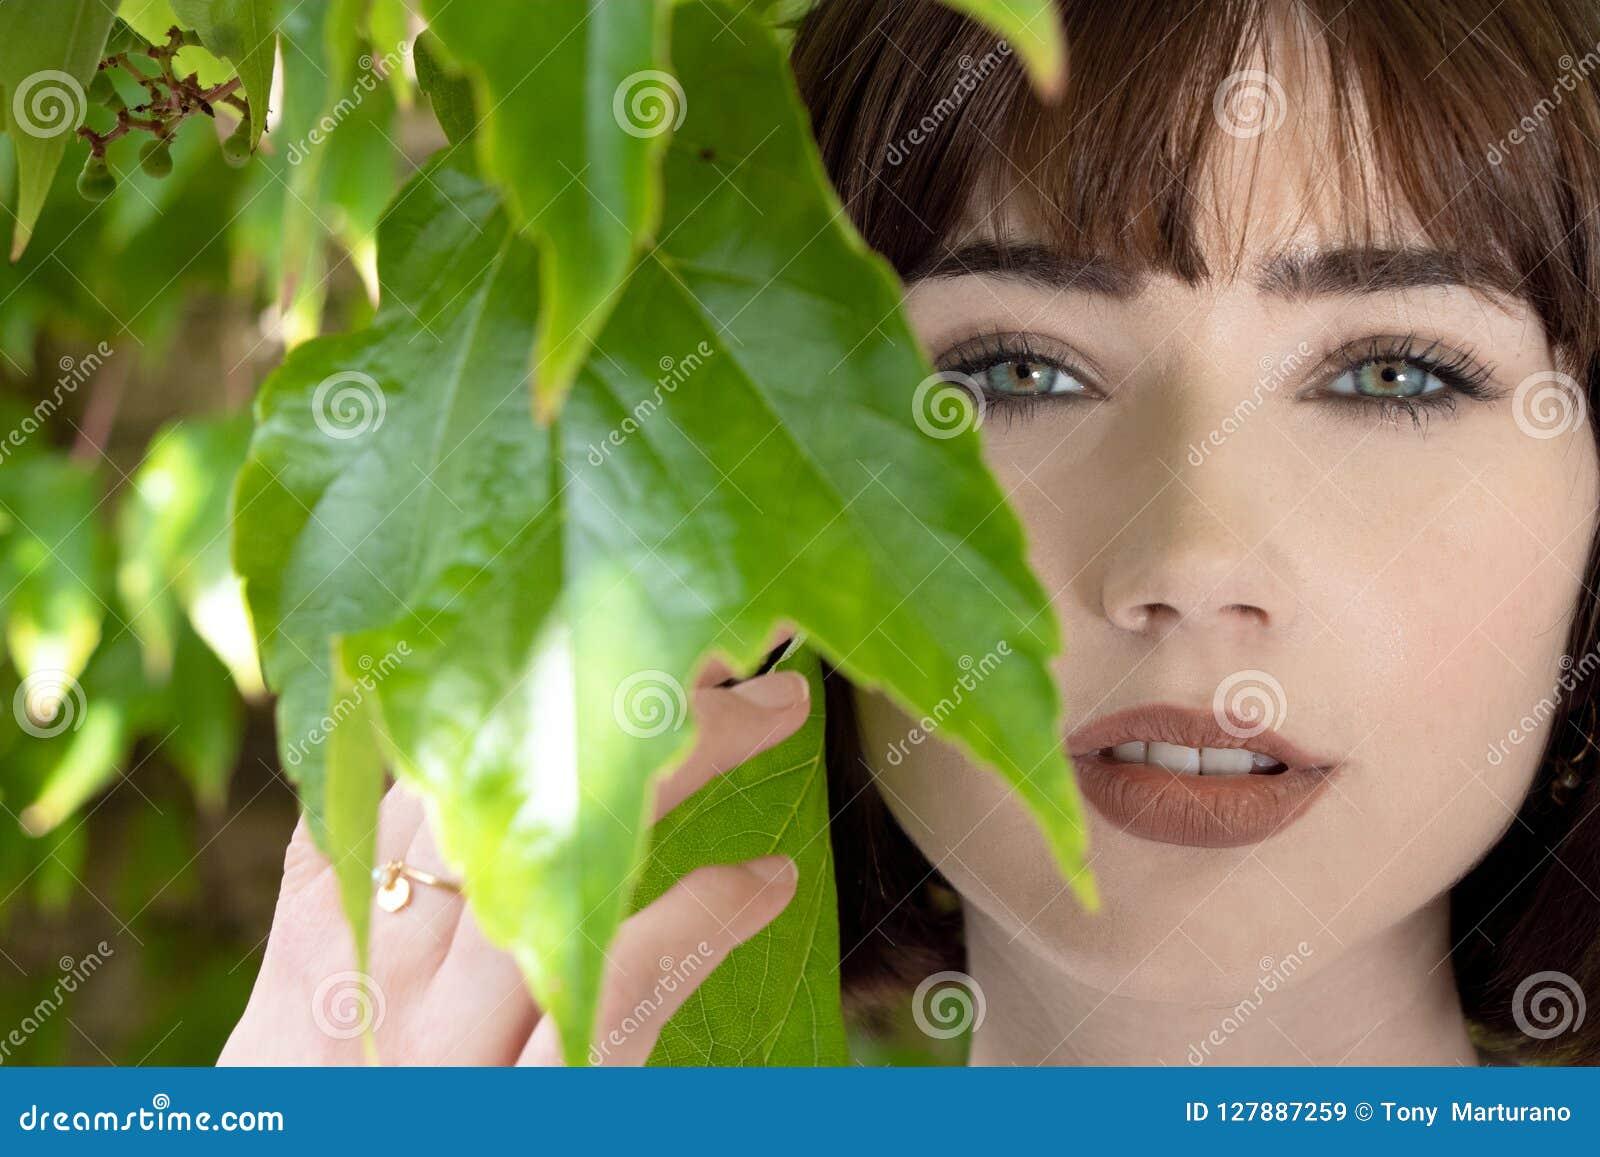 La mujer hermosa detrás del verde deja la mirada de la cámara